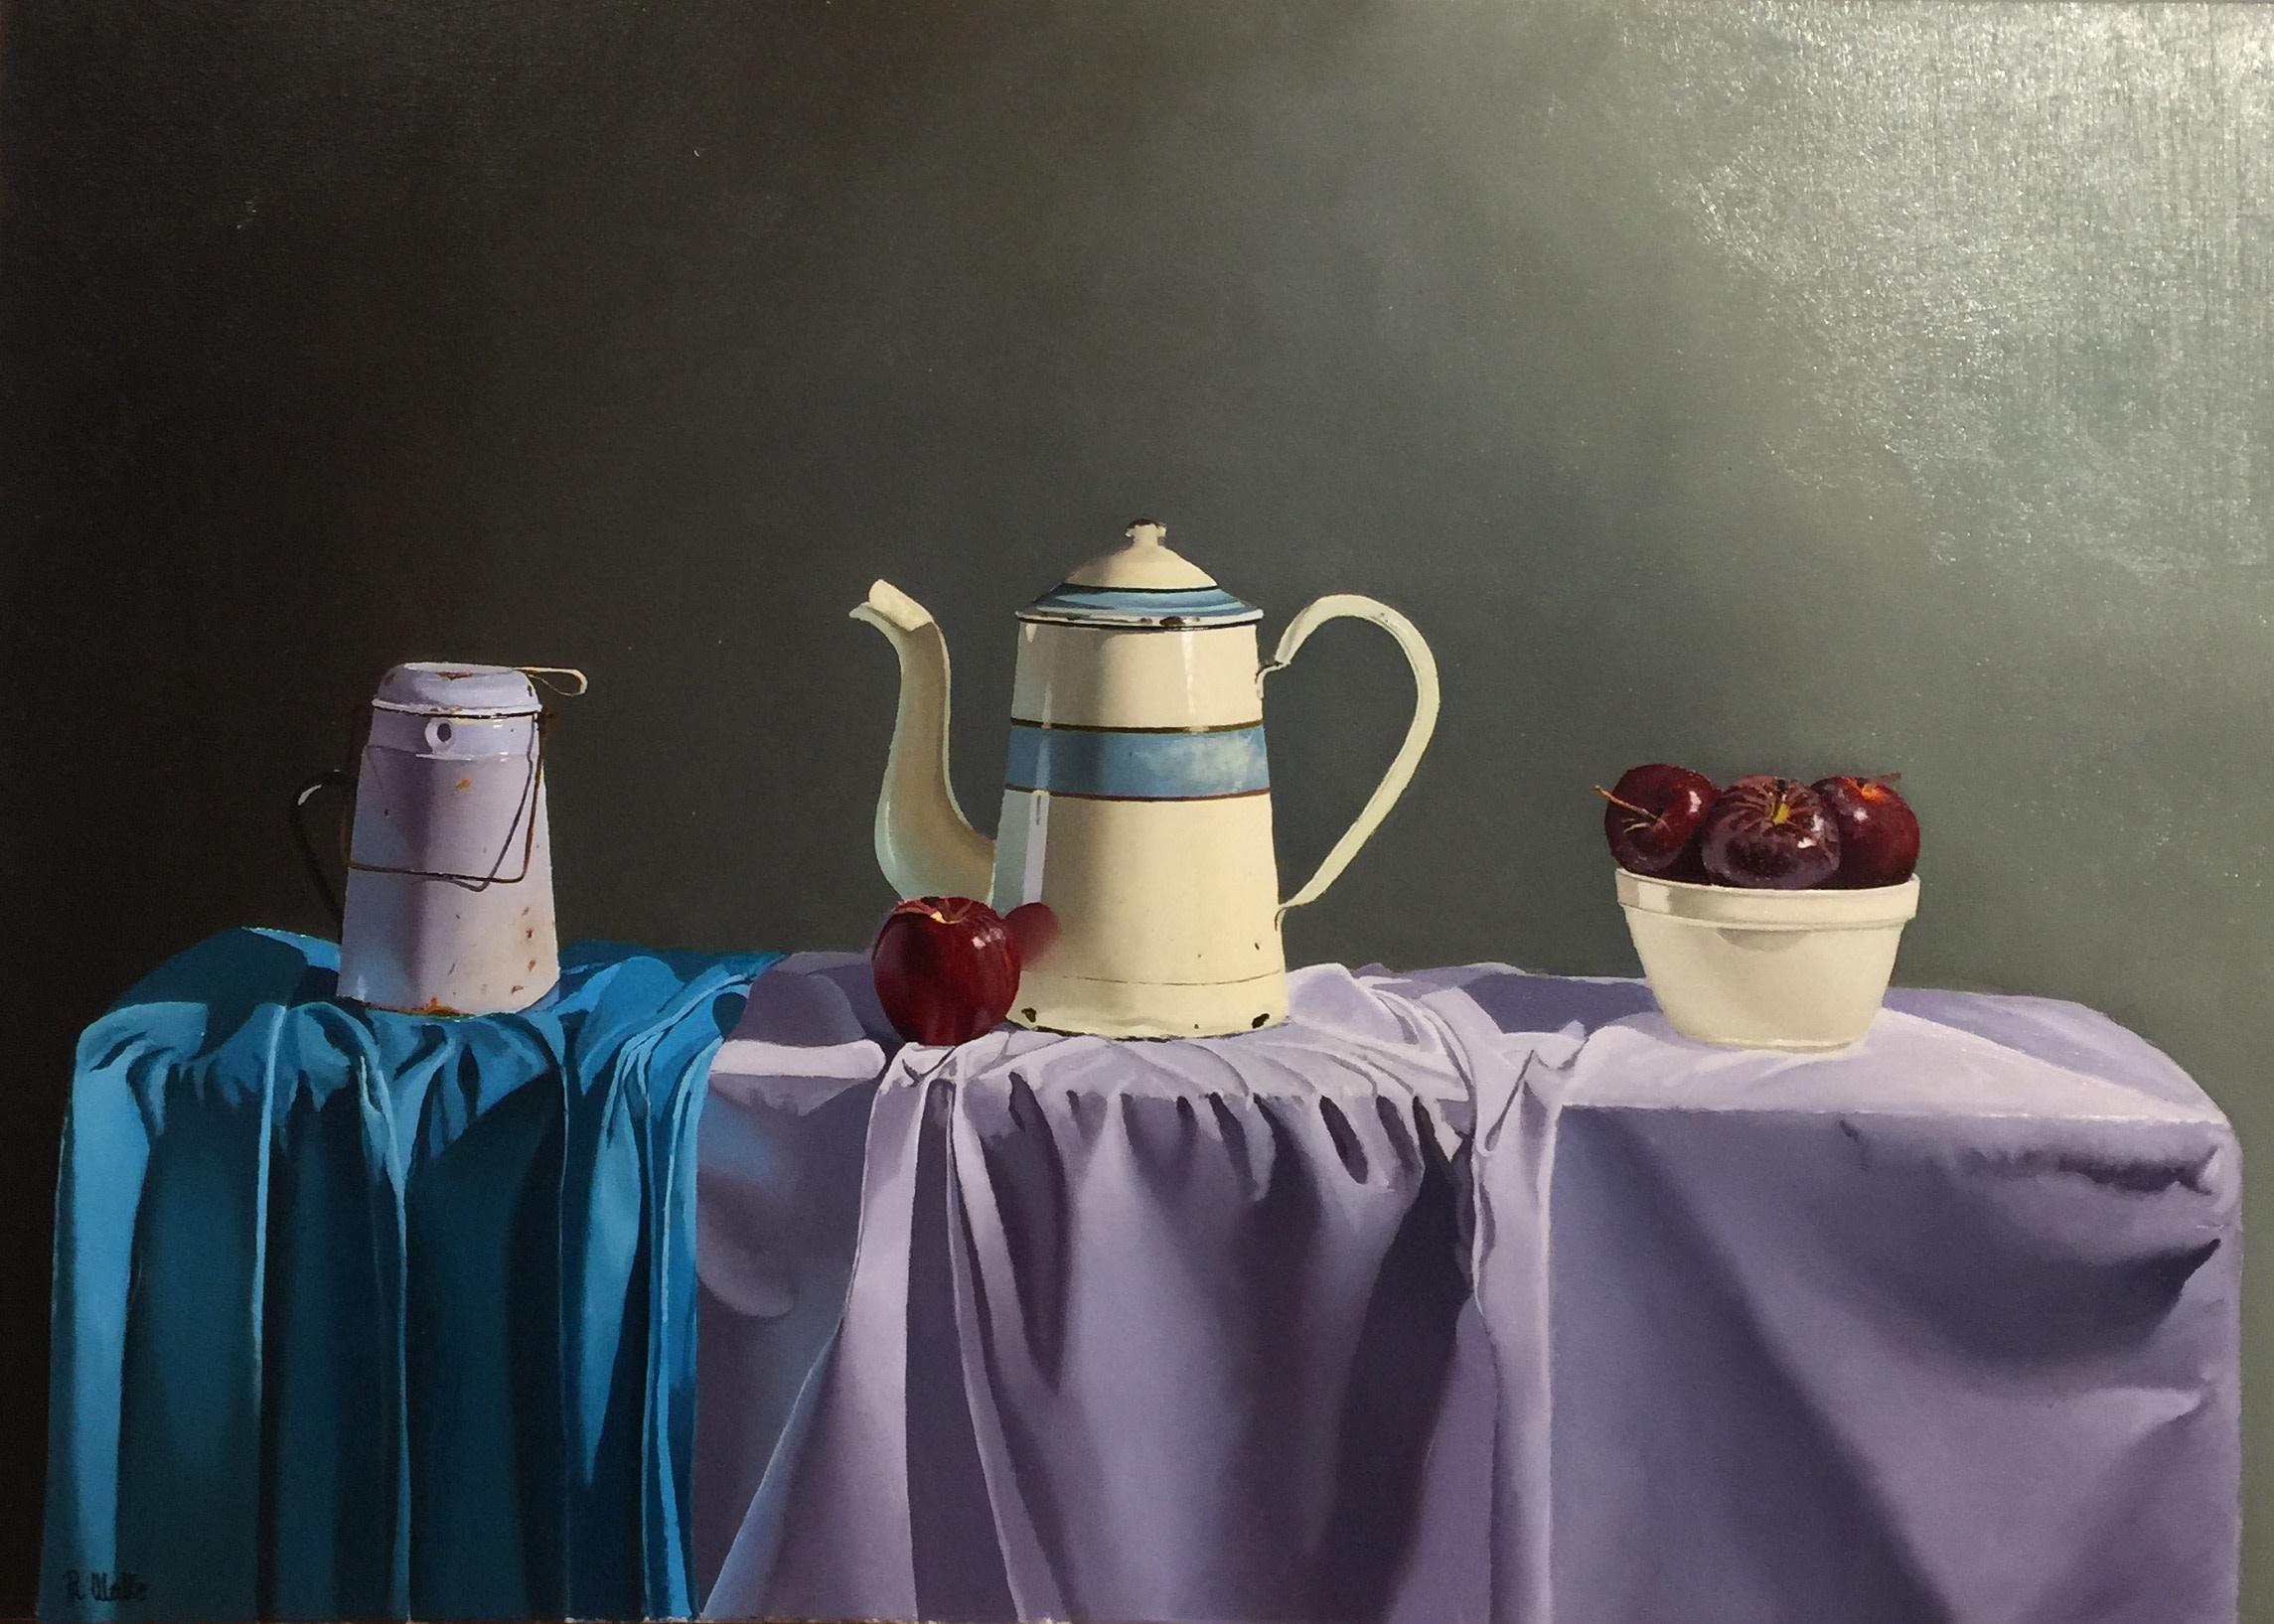 <span class=&#34;link fancybox-details-link&#34;><a href=&#34;/artists/67-robert-walker/works/651-robert-walker-striped-coffee-pot/&#34;>View Detail Page</a></span><div class=&#34;artist&#34;><strong>Robert Walker</strong></div> <div class=&#34;title&#34;><em>Striped Coffee Pot</em></div> <div class=&#34;medium&#34;>Oil on Linen </div> <div class=&#34;dimensions&#34;>54 x 74 cm</div><div class=&#34;price&#34;>£1,900.00</div><div class=&#34;copyright_line&#34;>Copyright The Artist</div>